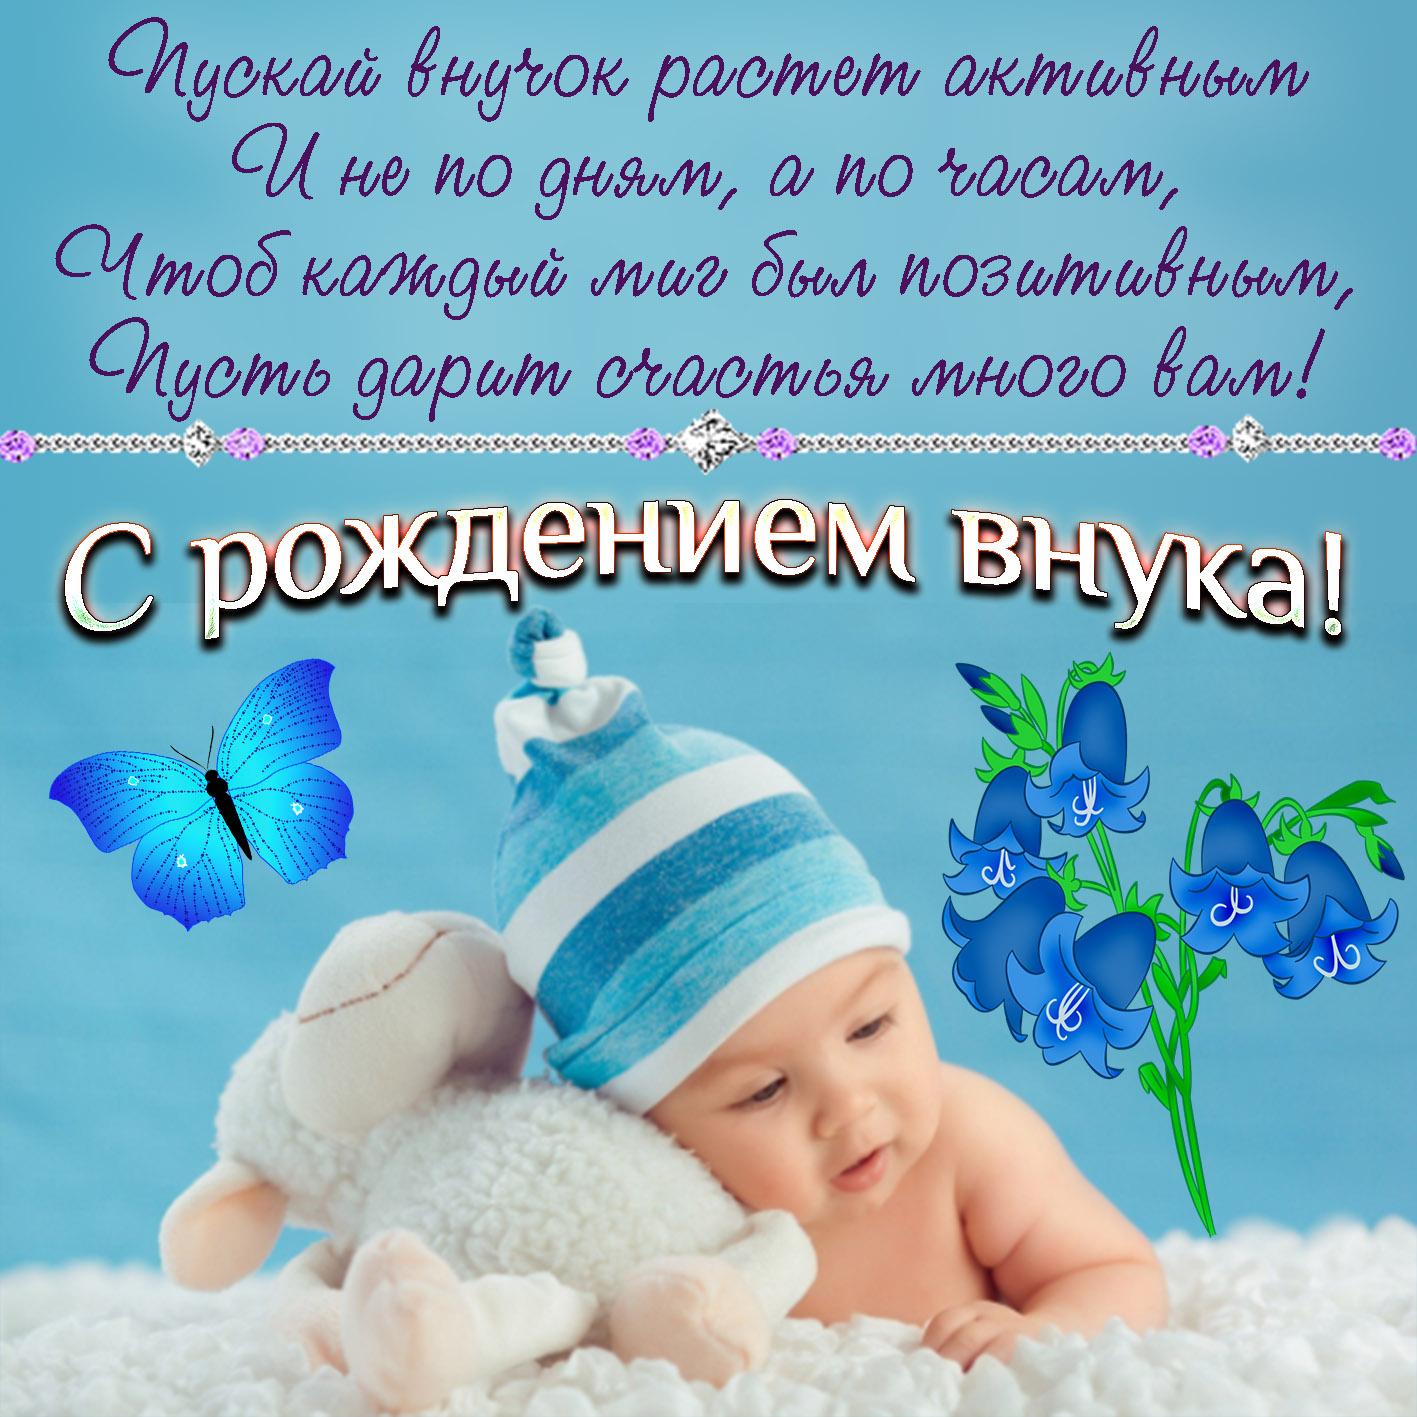 Открытки днем, в яндексе открытки с рождением внука